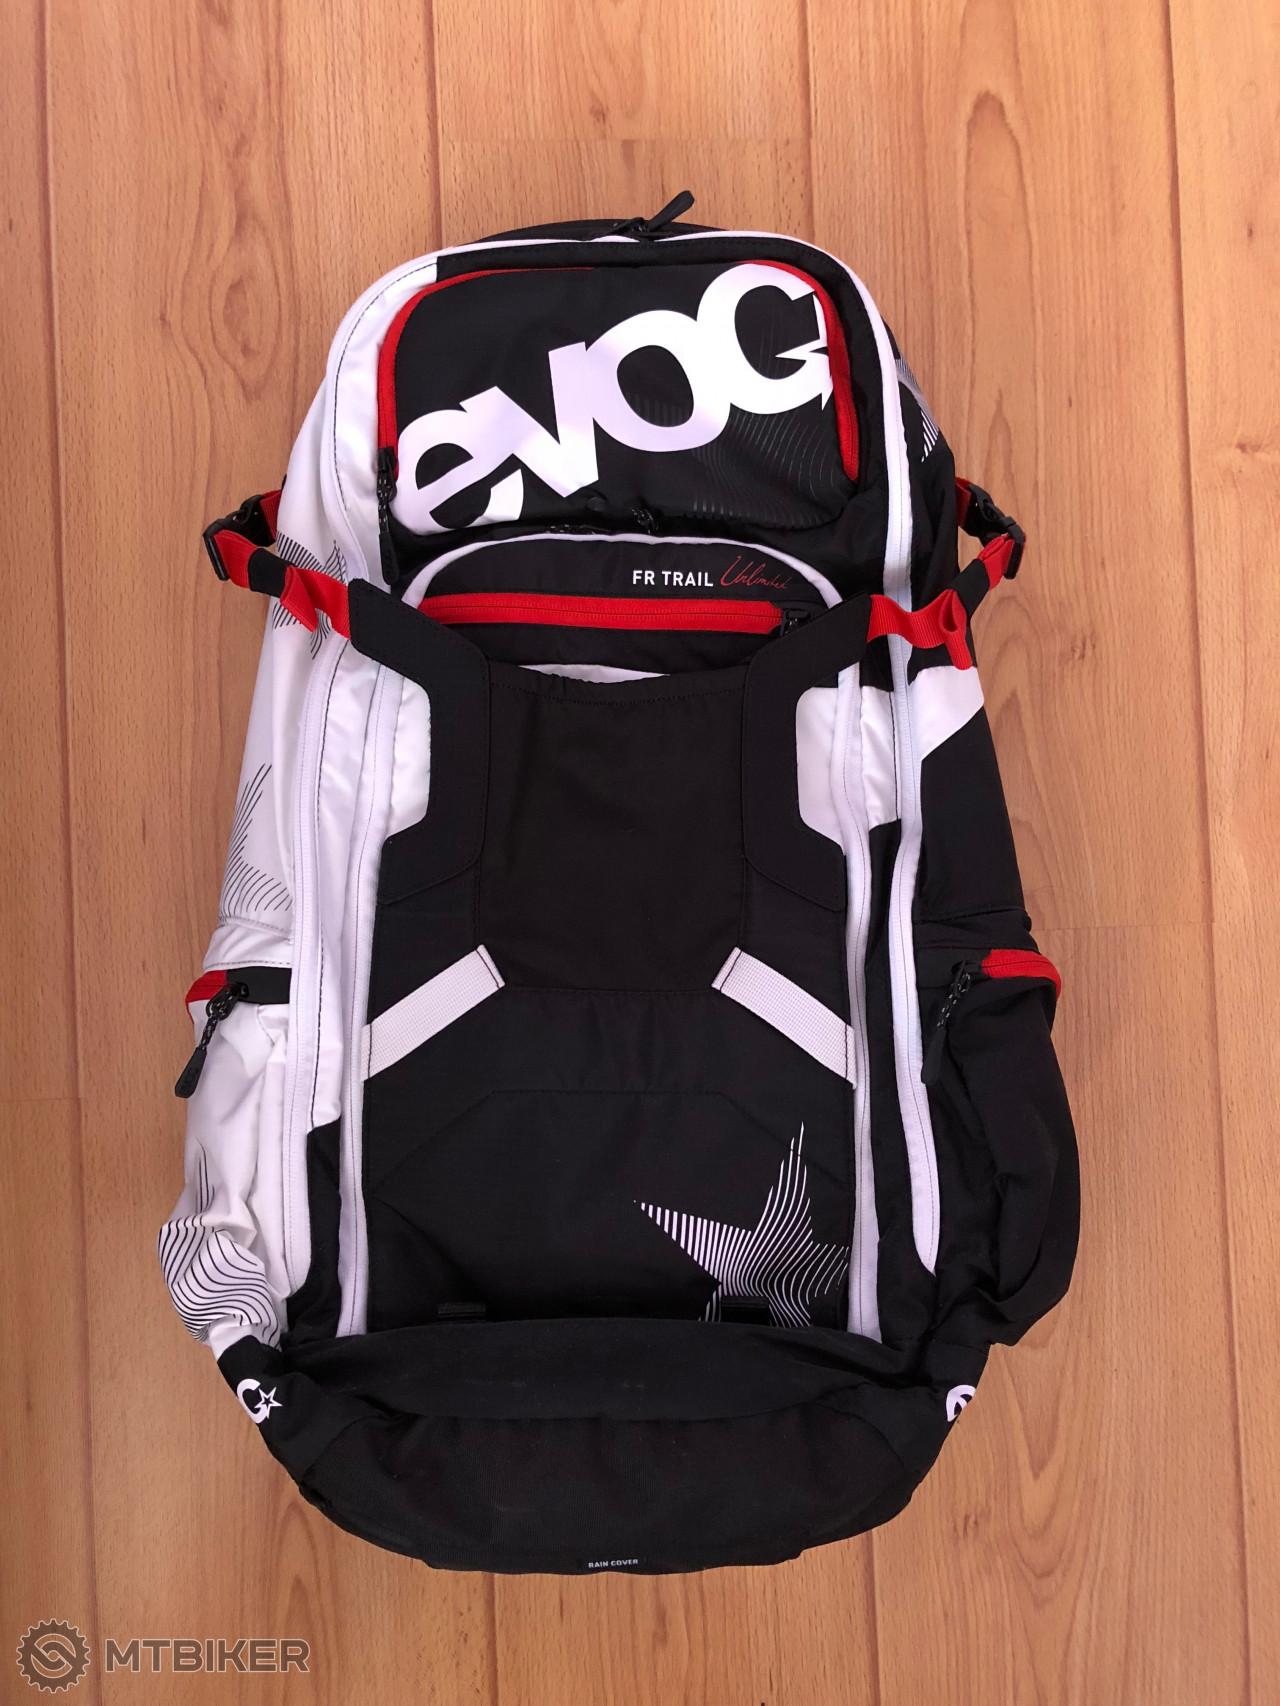 Evoc Freeride Trail Unlimited 20l Batoh Black   White   Red - Príslušenstvo  - Oblečenie a batohy - Bazár MTBIKER 64600f980a